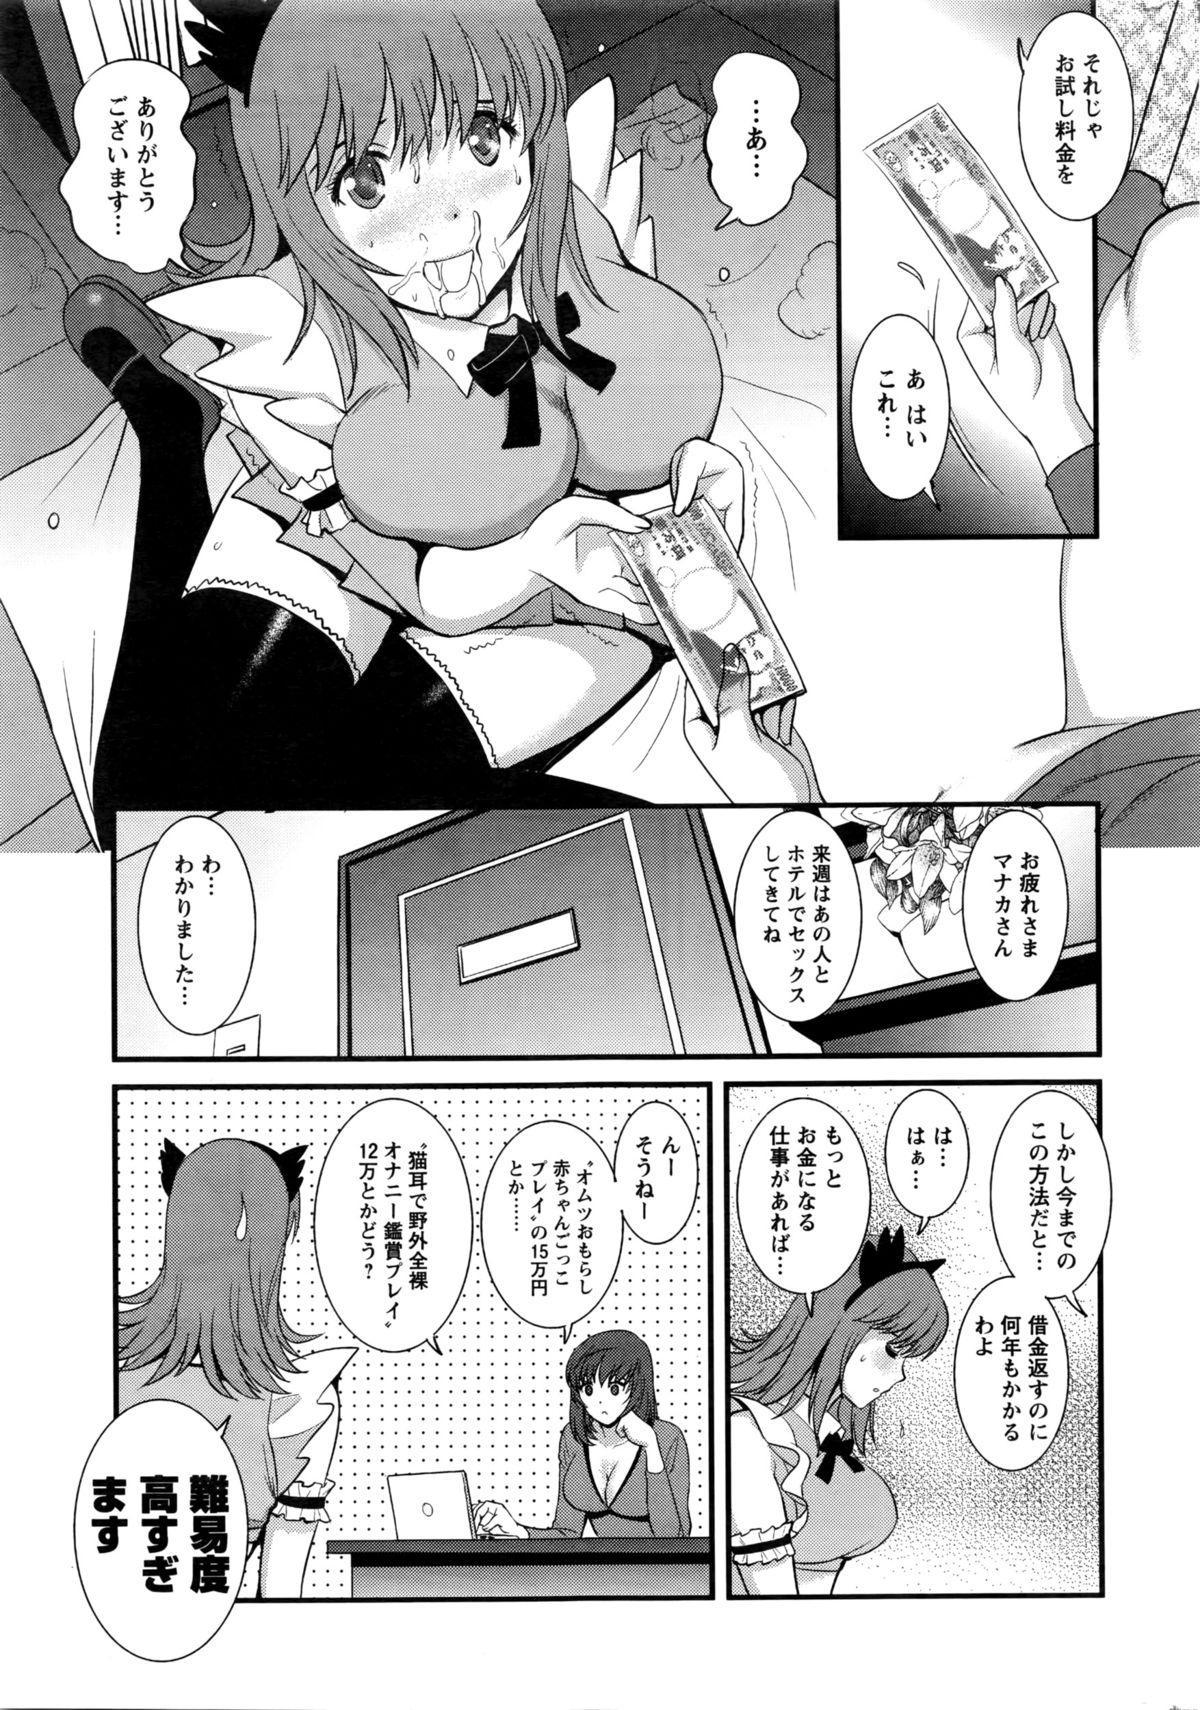 [Saigado] Part time Manaka-san 2nd Ch. 1-3 8